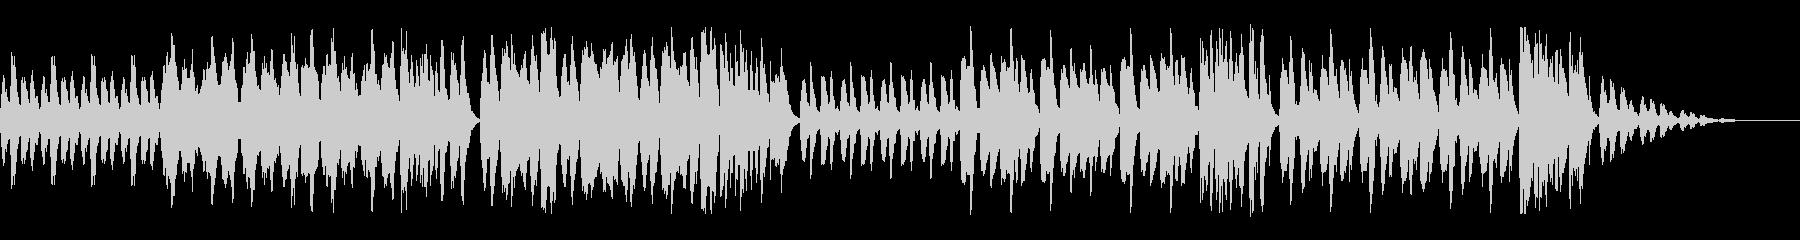 コメディチックなオーケストラの未再生の波形